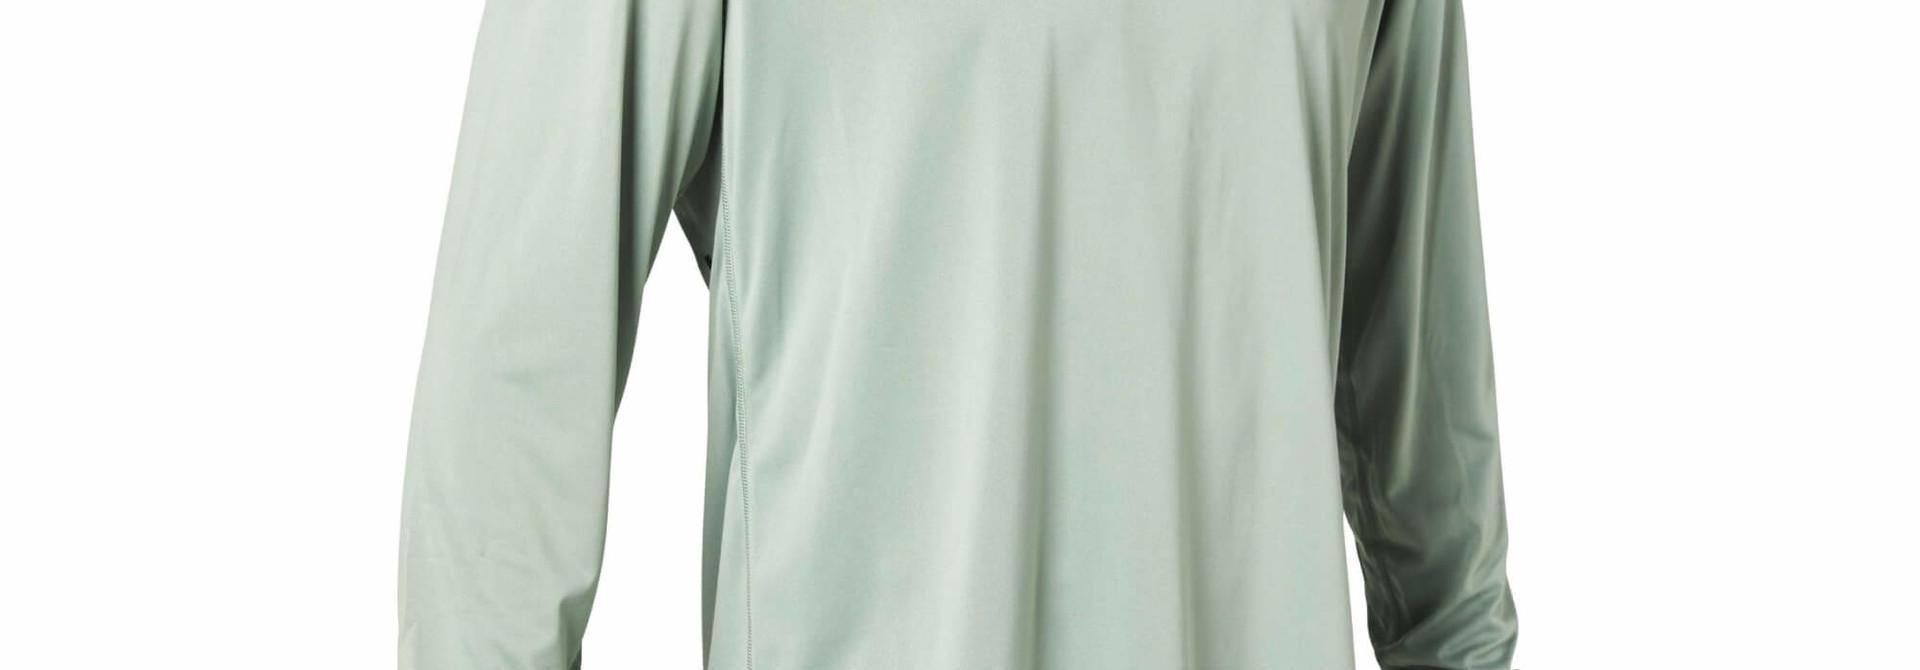 Ranger Long Sleeve Jersey Essential Graph 2021